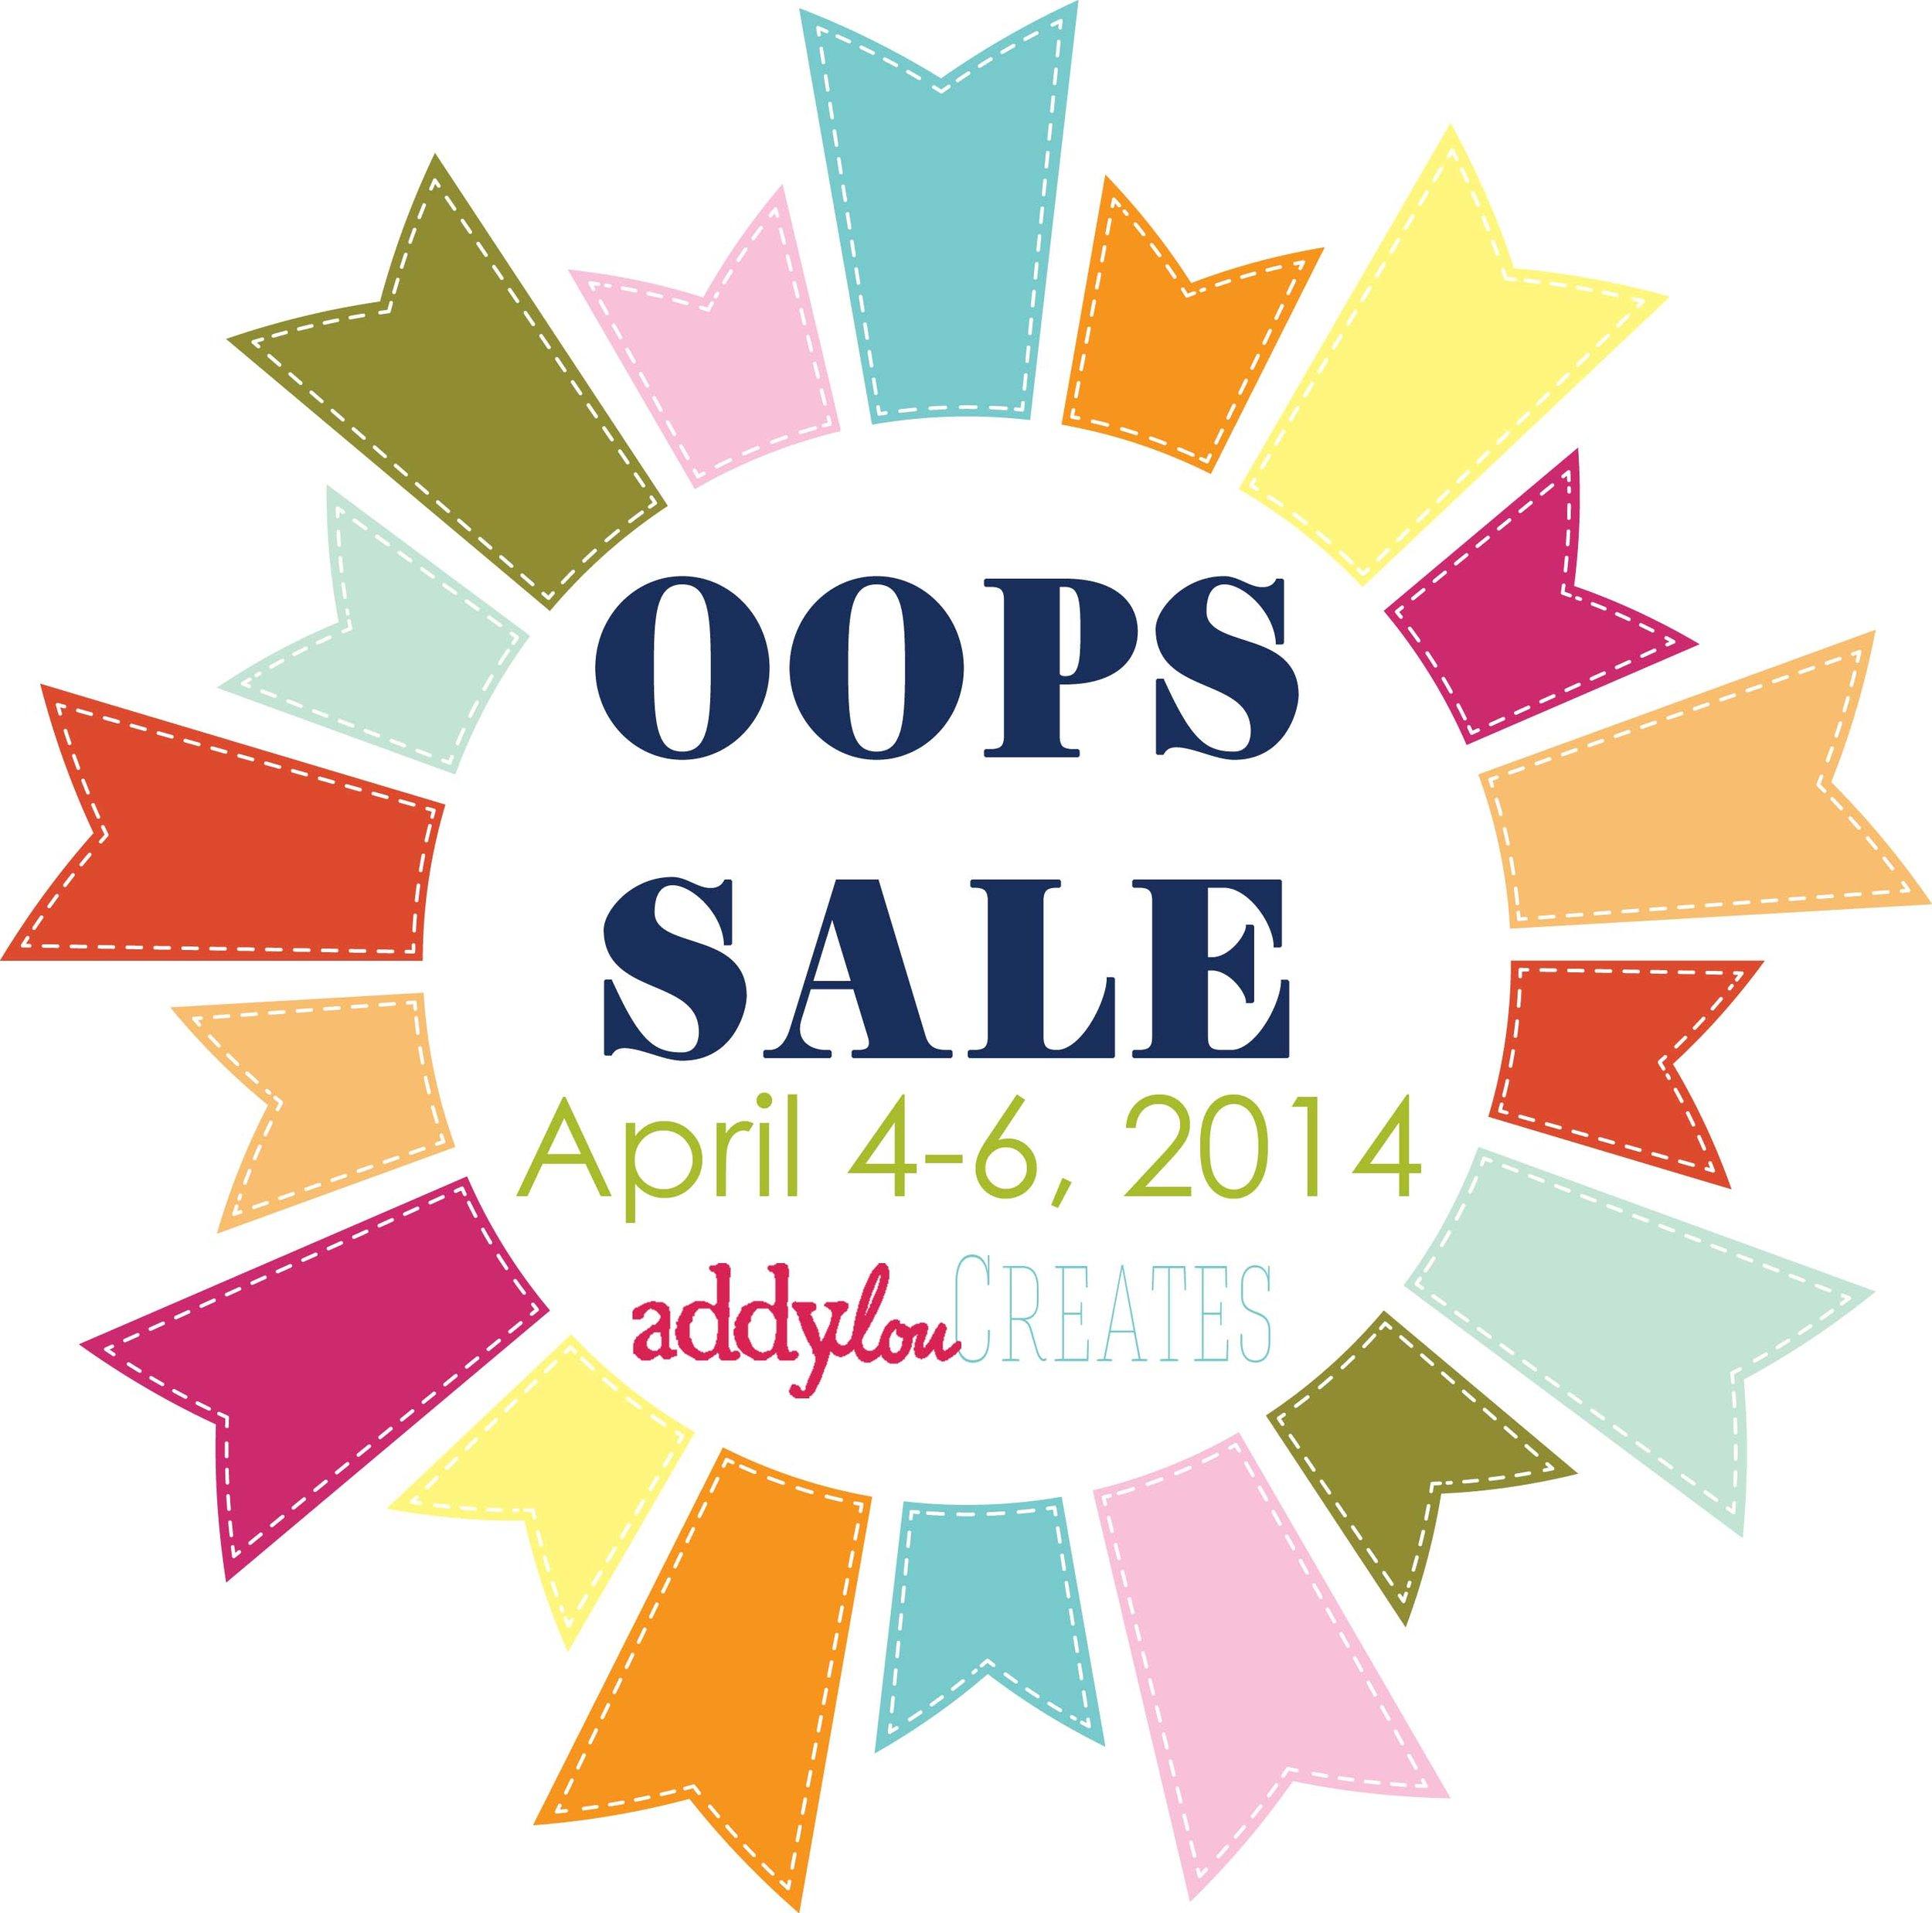 oops-sale.jpg